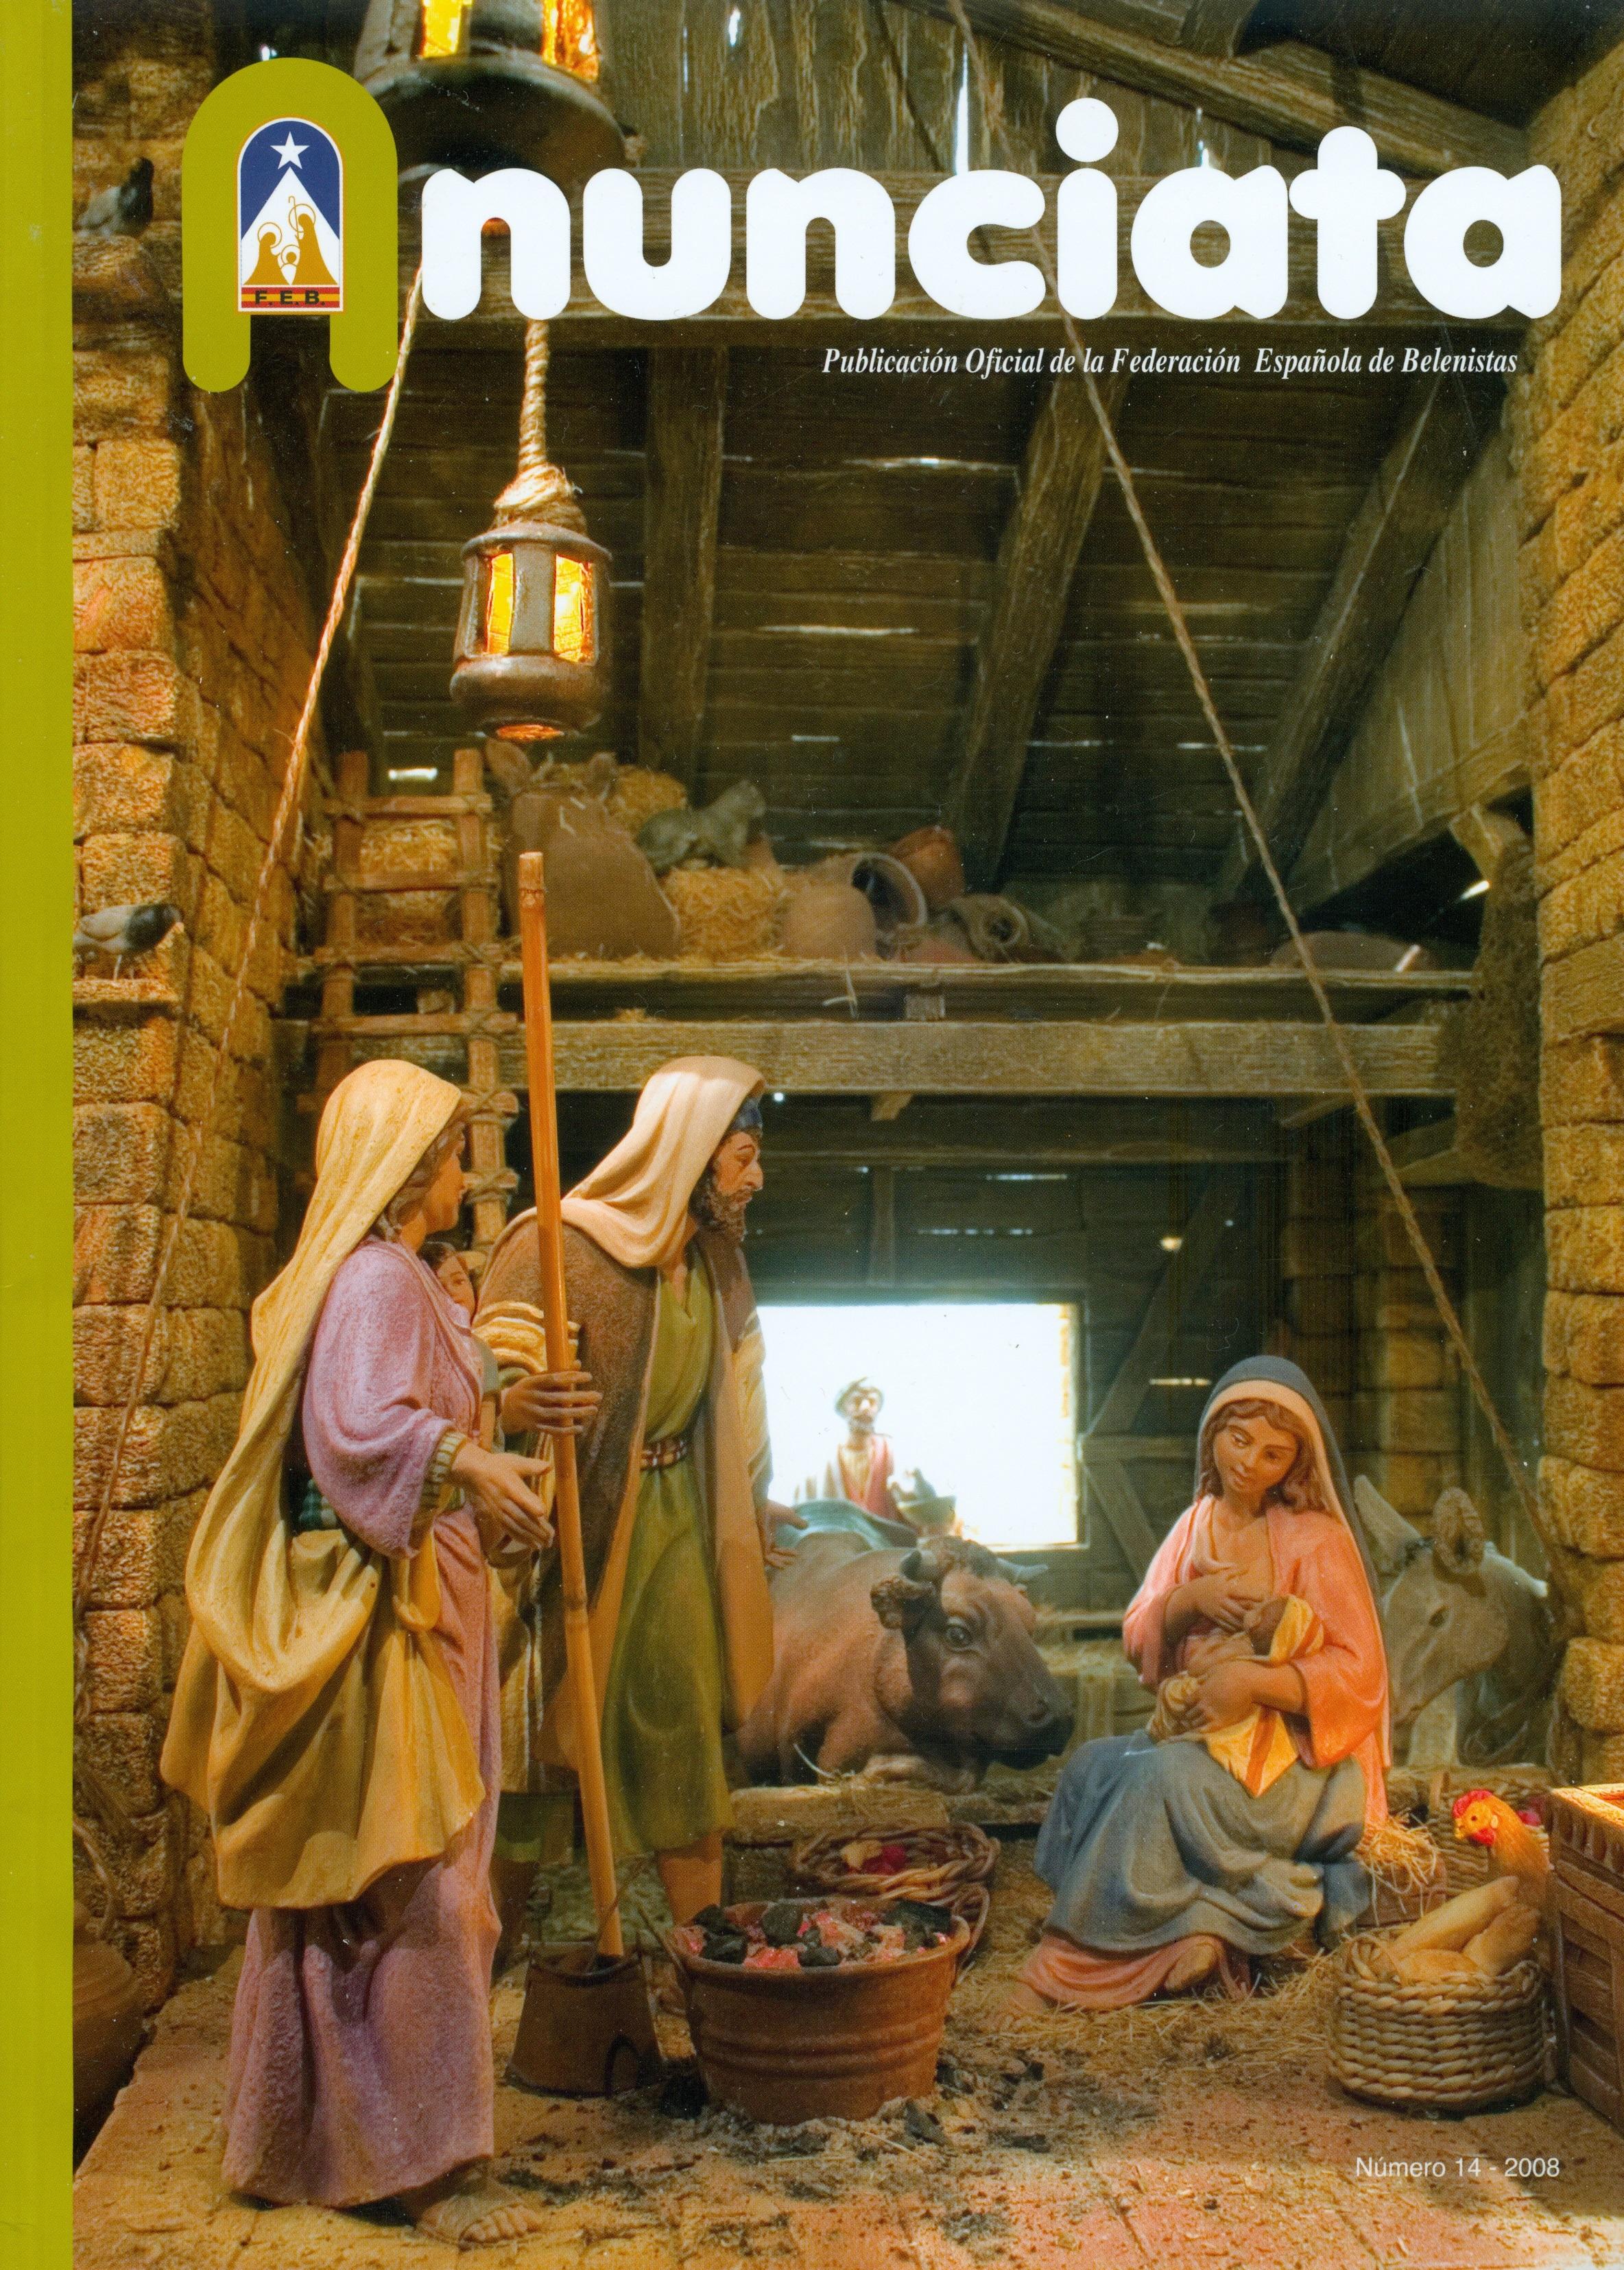 Portada de la revista Anunciata Nº 14 - 2008, de la Federación Española de Belenistas